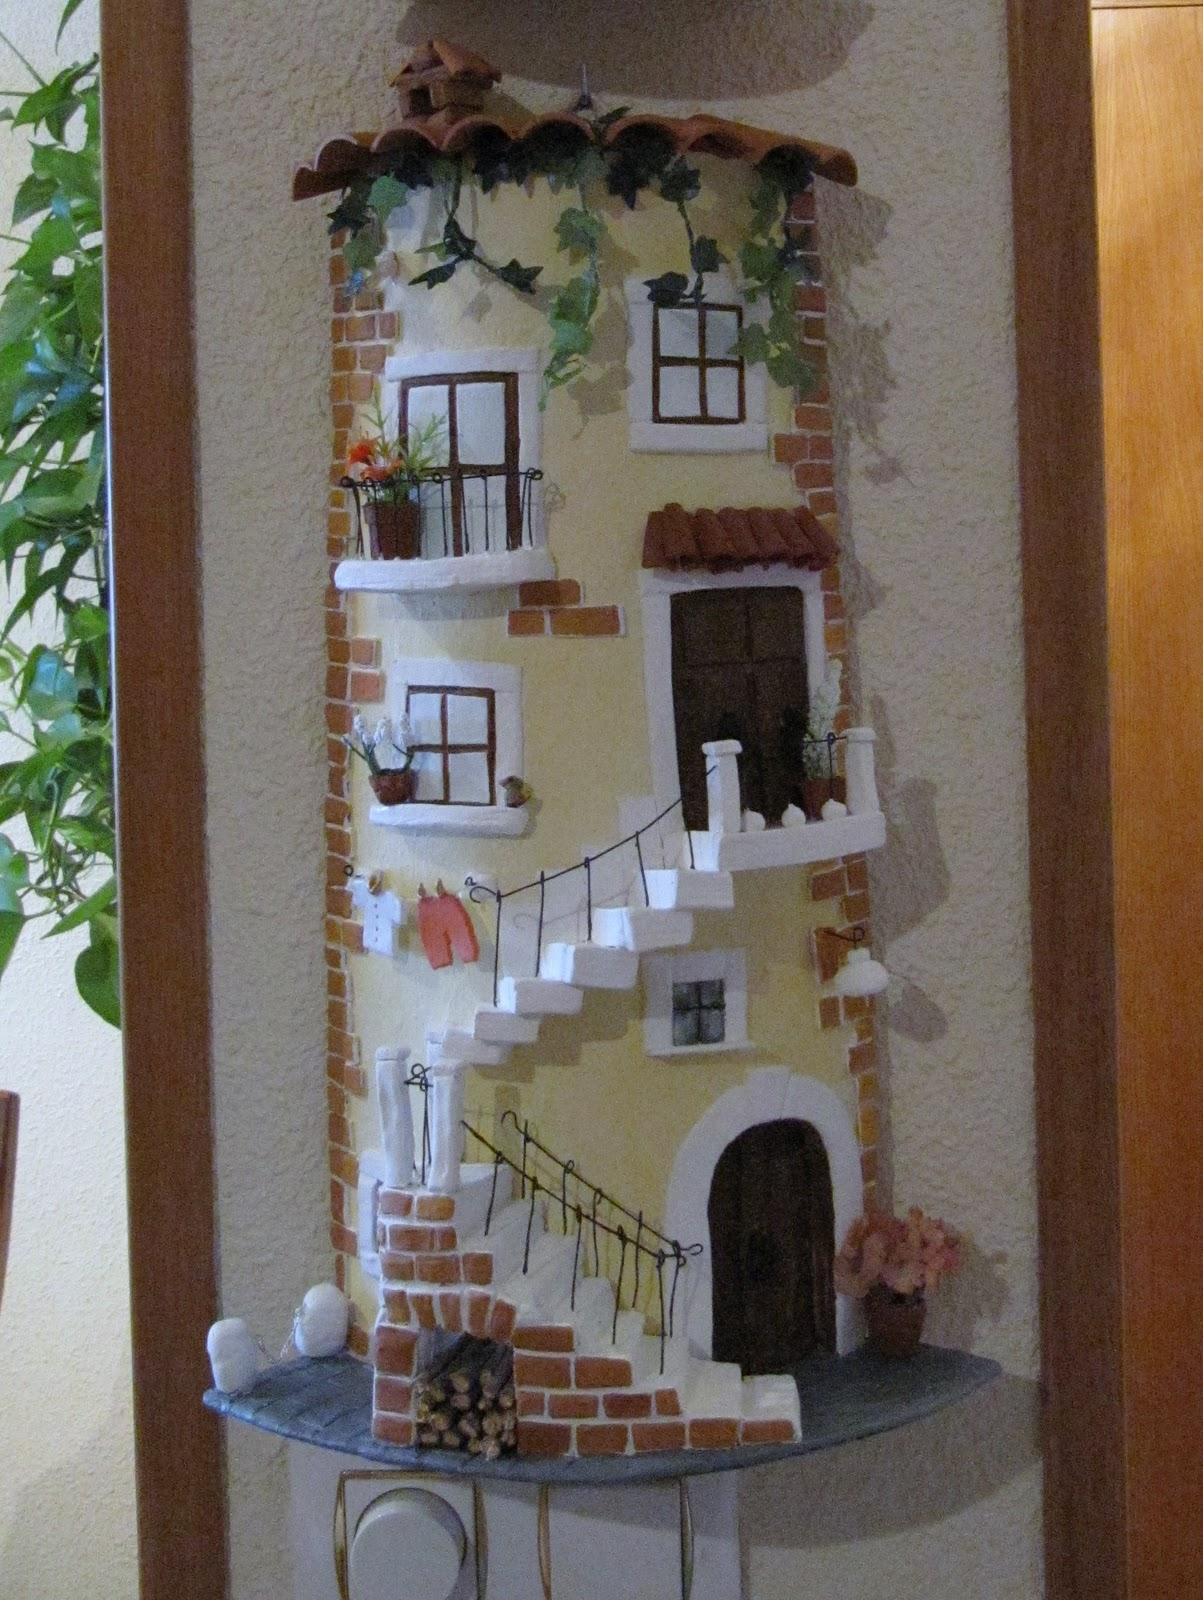 El rinc n de m luisa noviembre 2011 for Puertas de tejas decoradas